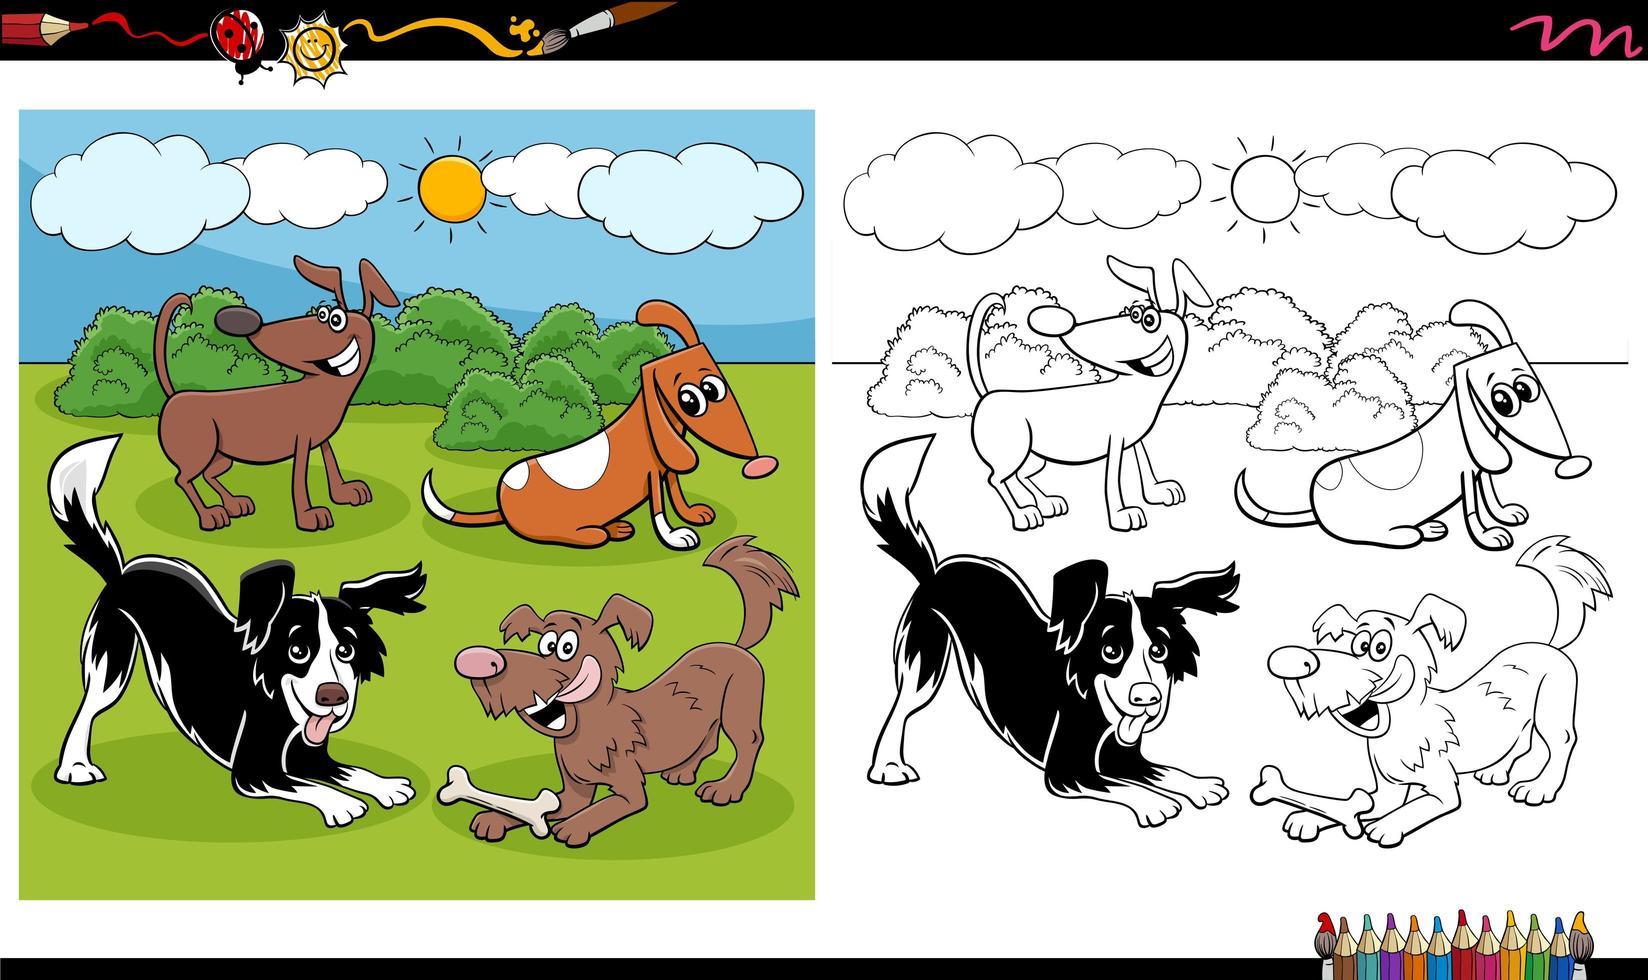 tecknad hund och valpar grupp målarbok sida vektor